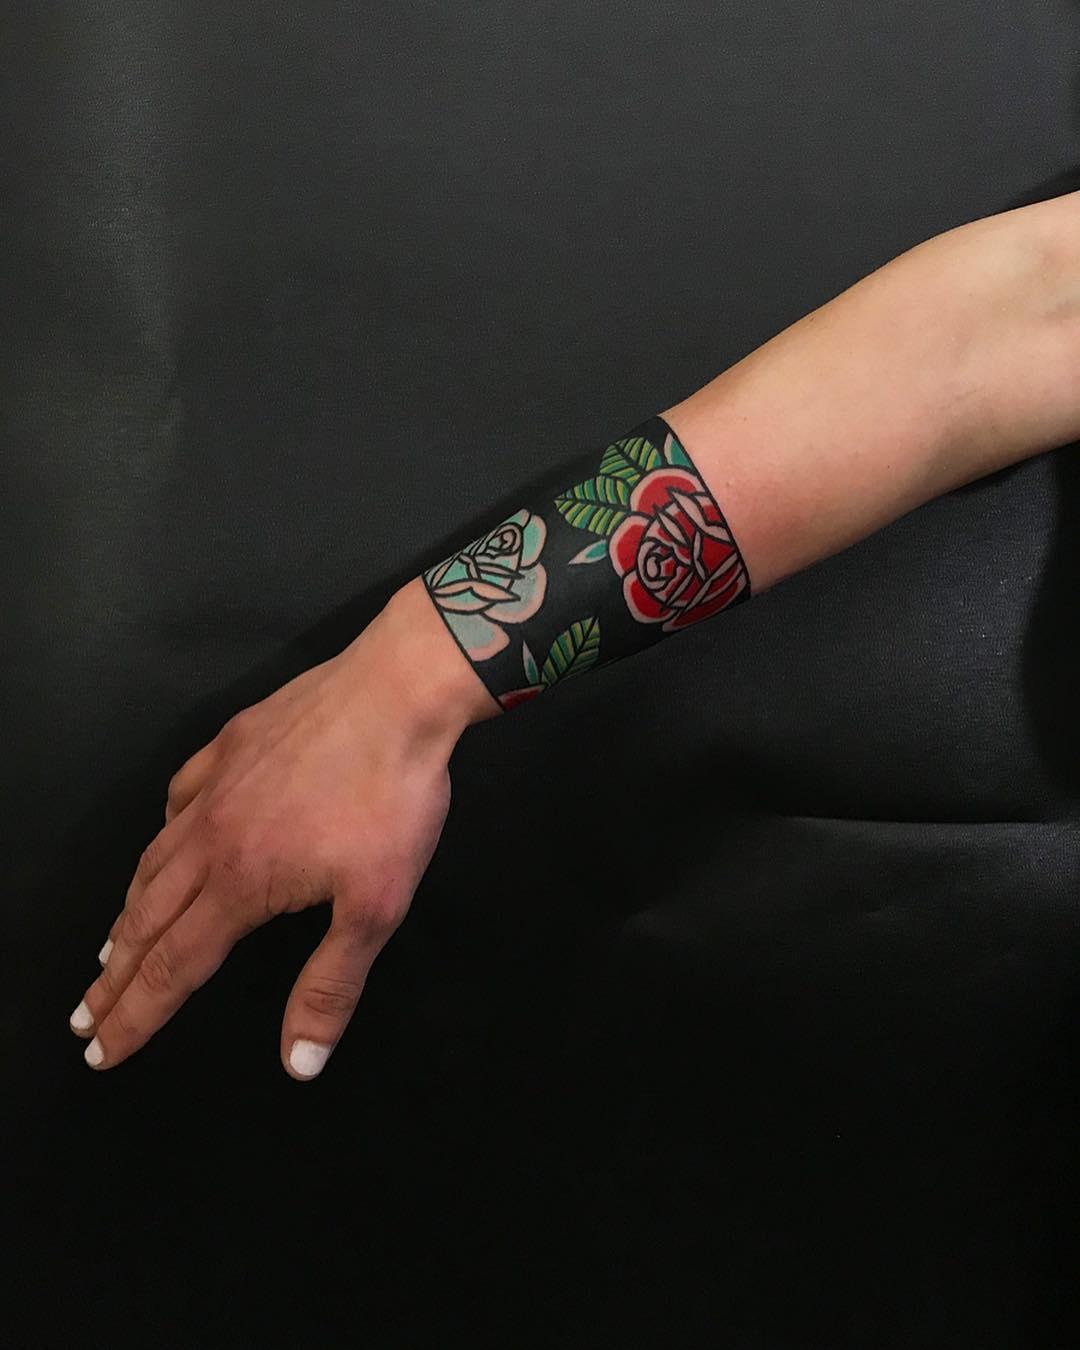 Floral armband by tattooist Alejo GMZ